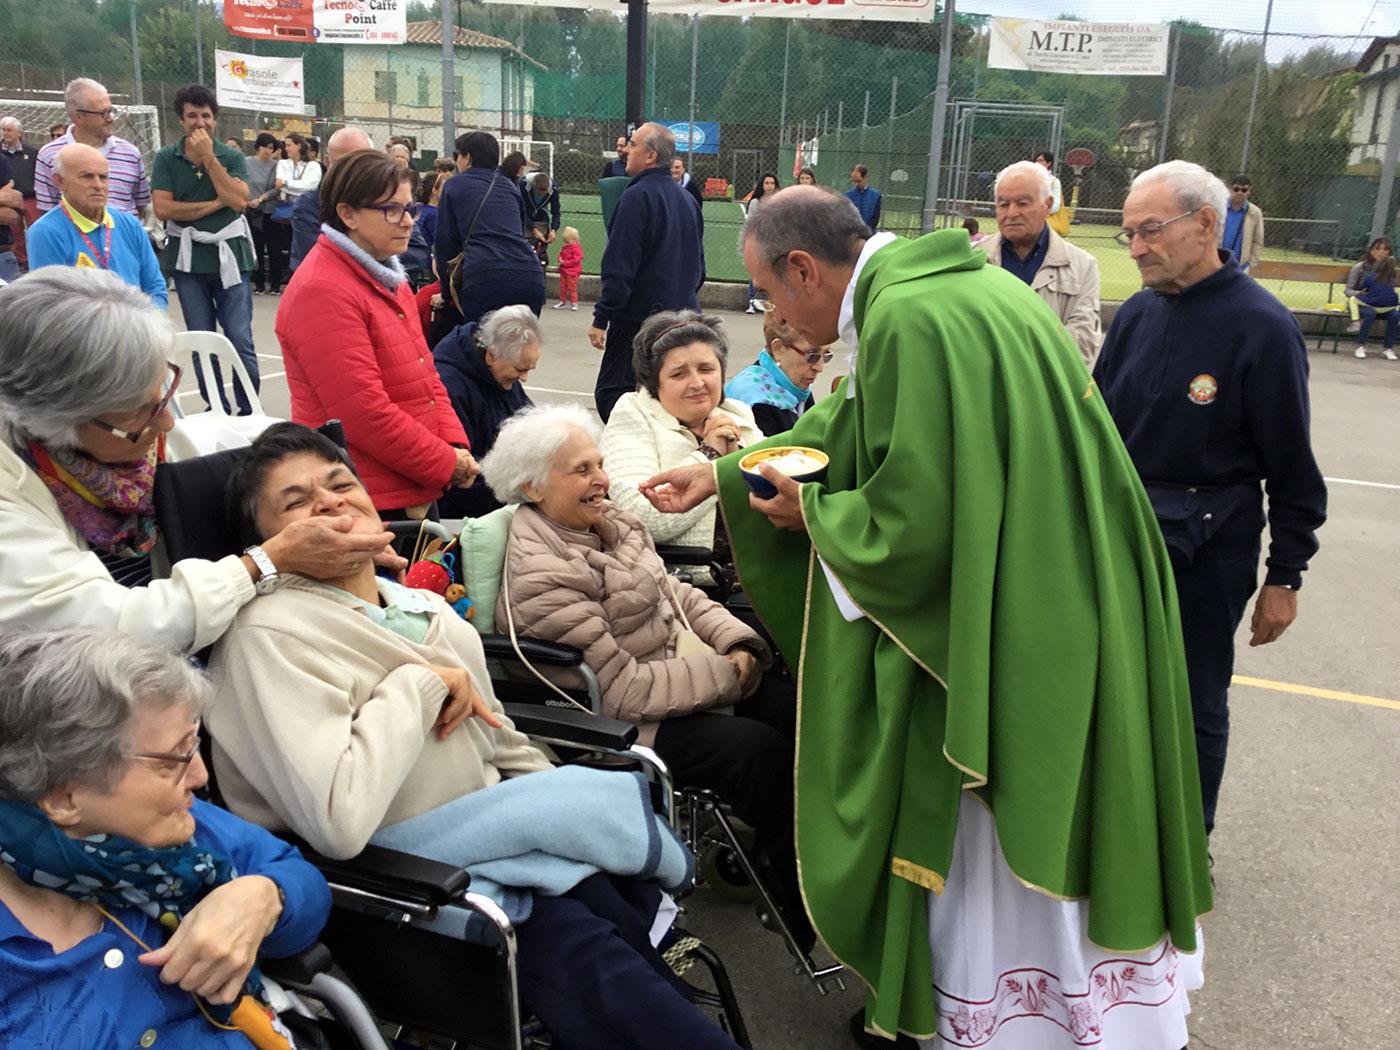 festa-malati-unitalsi-2017-don-luciano-marchetti-1